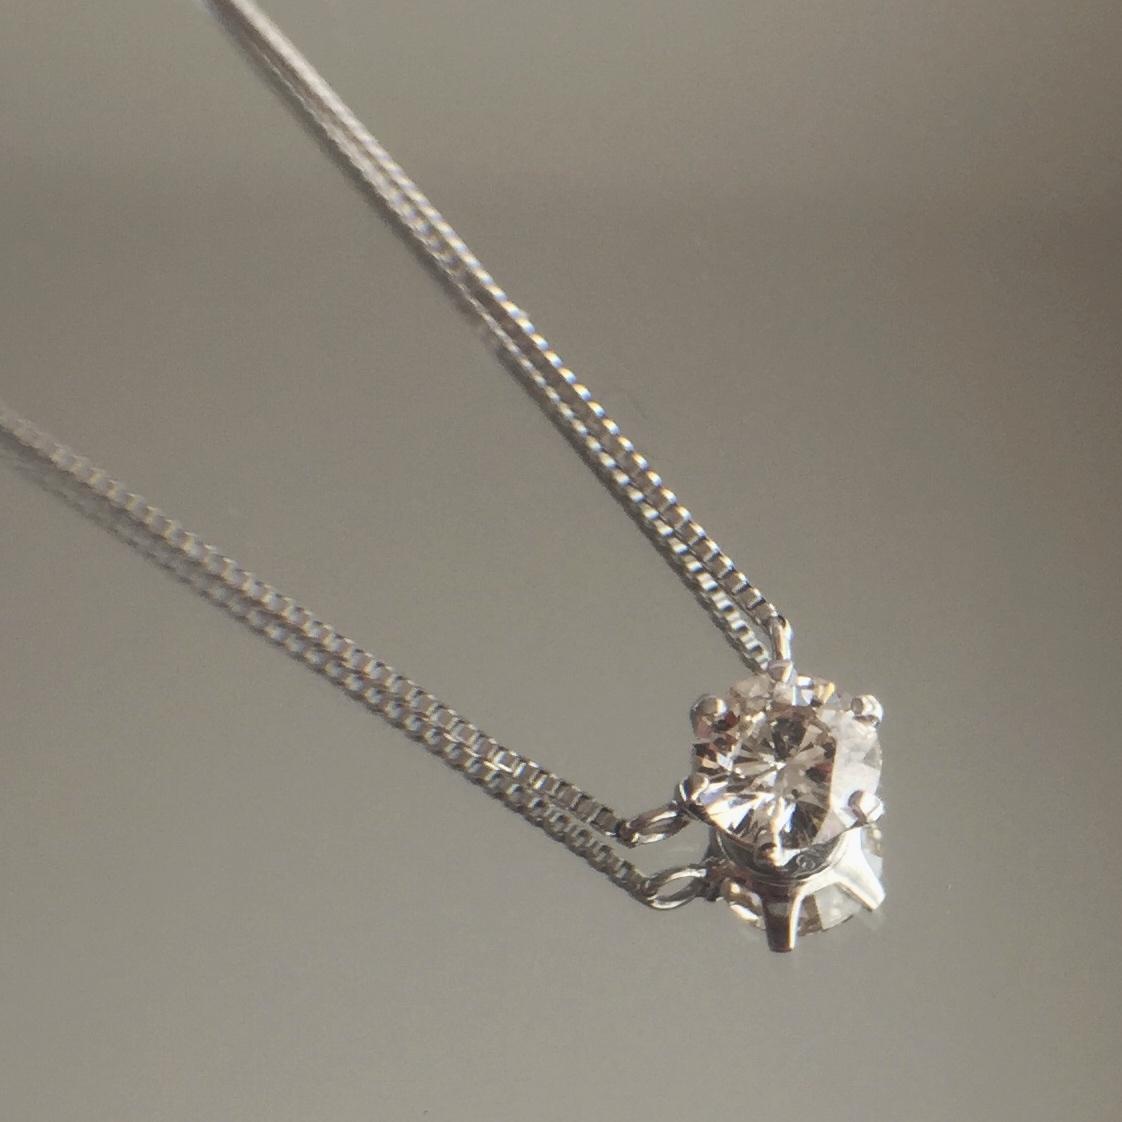 ダイヤモンド ペンダント 0.239ct K18ホワイトゴールド  チェカ 鑑別書付